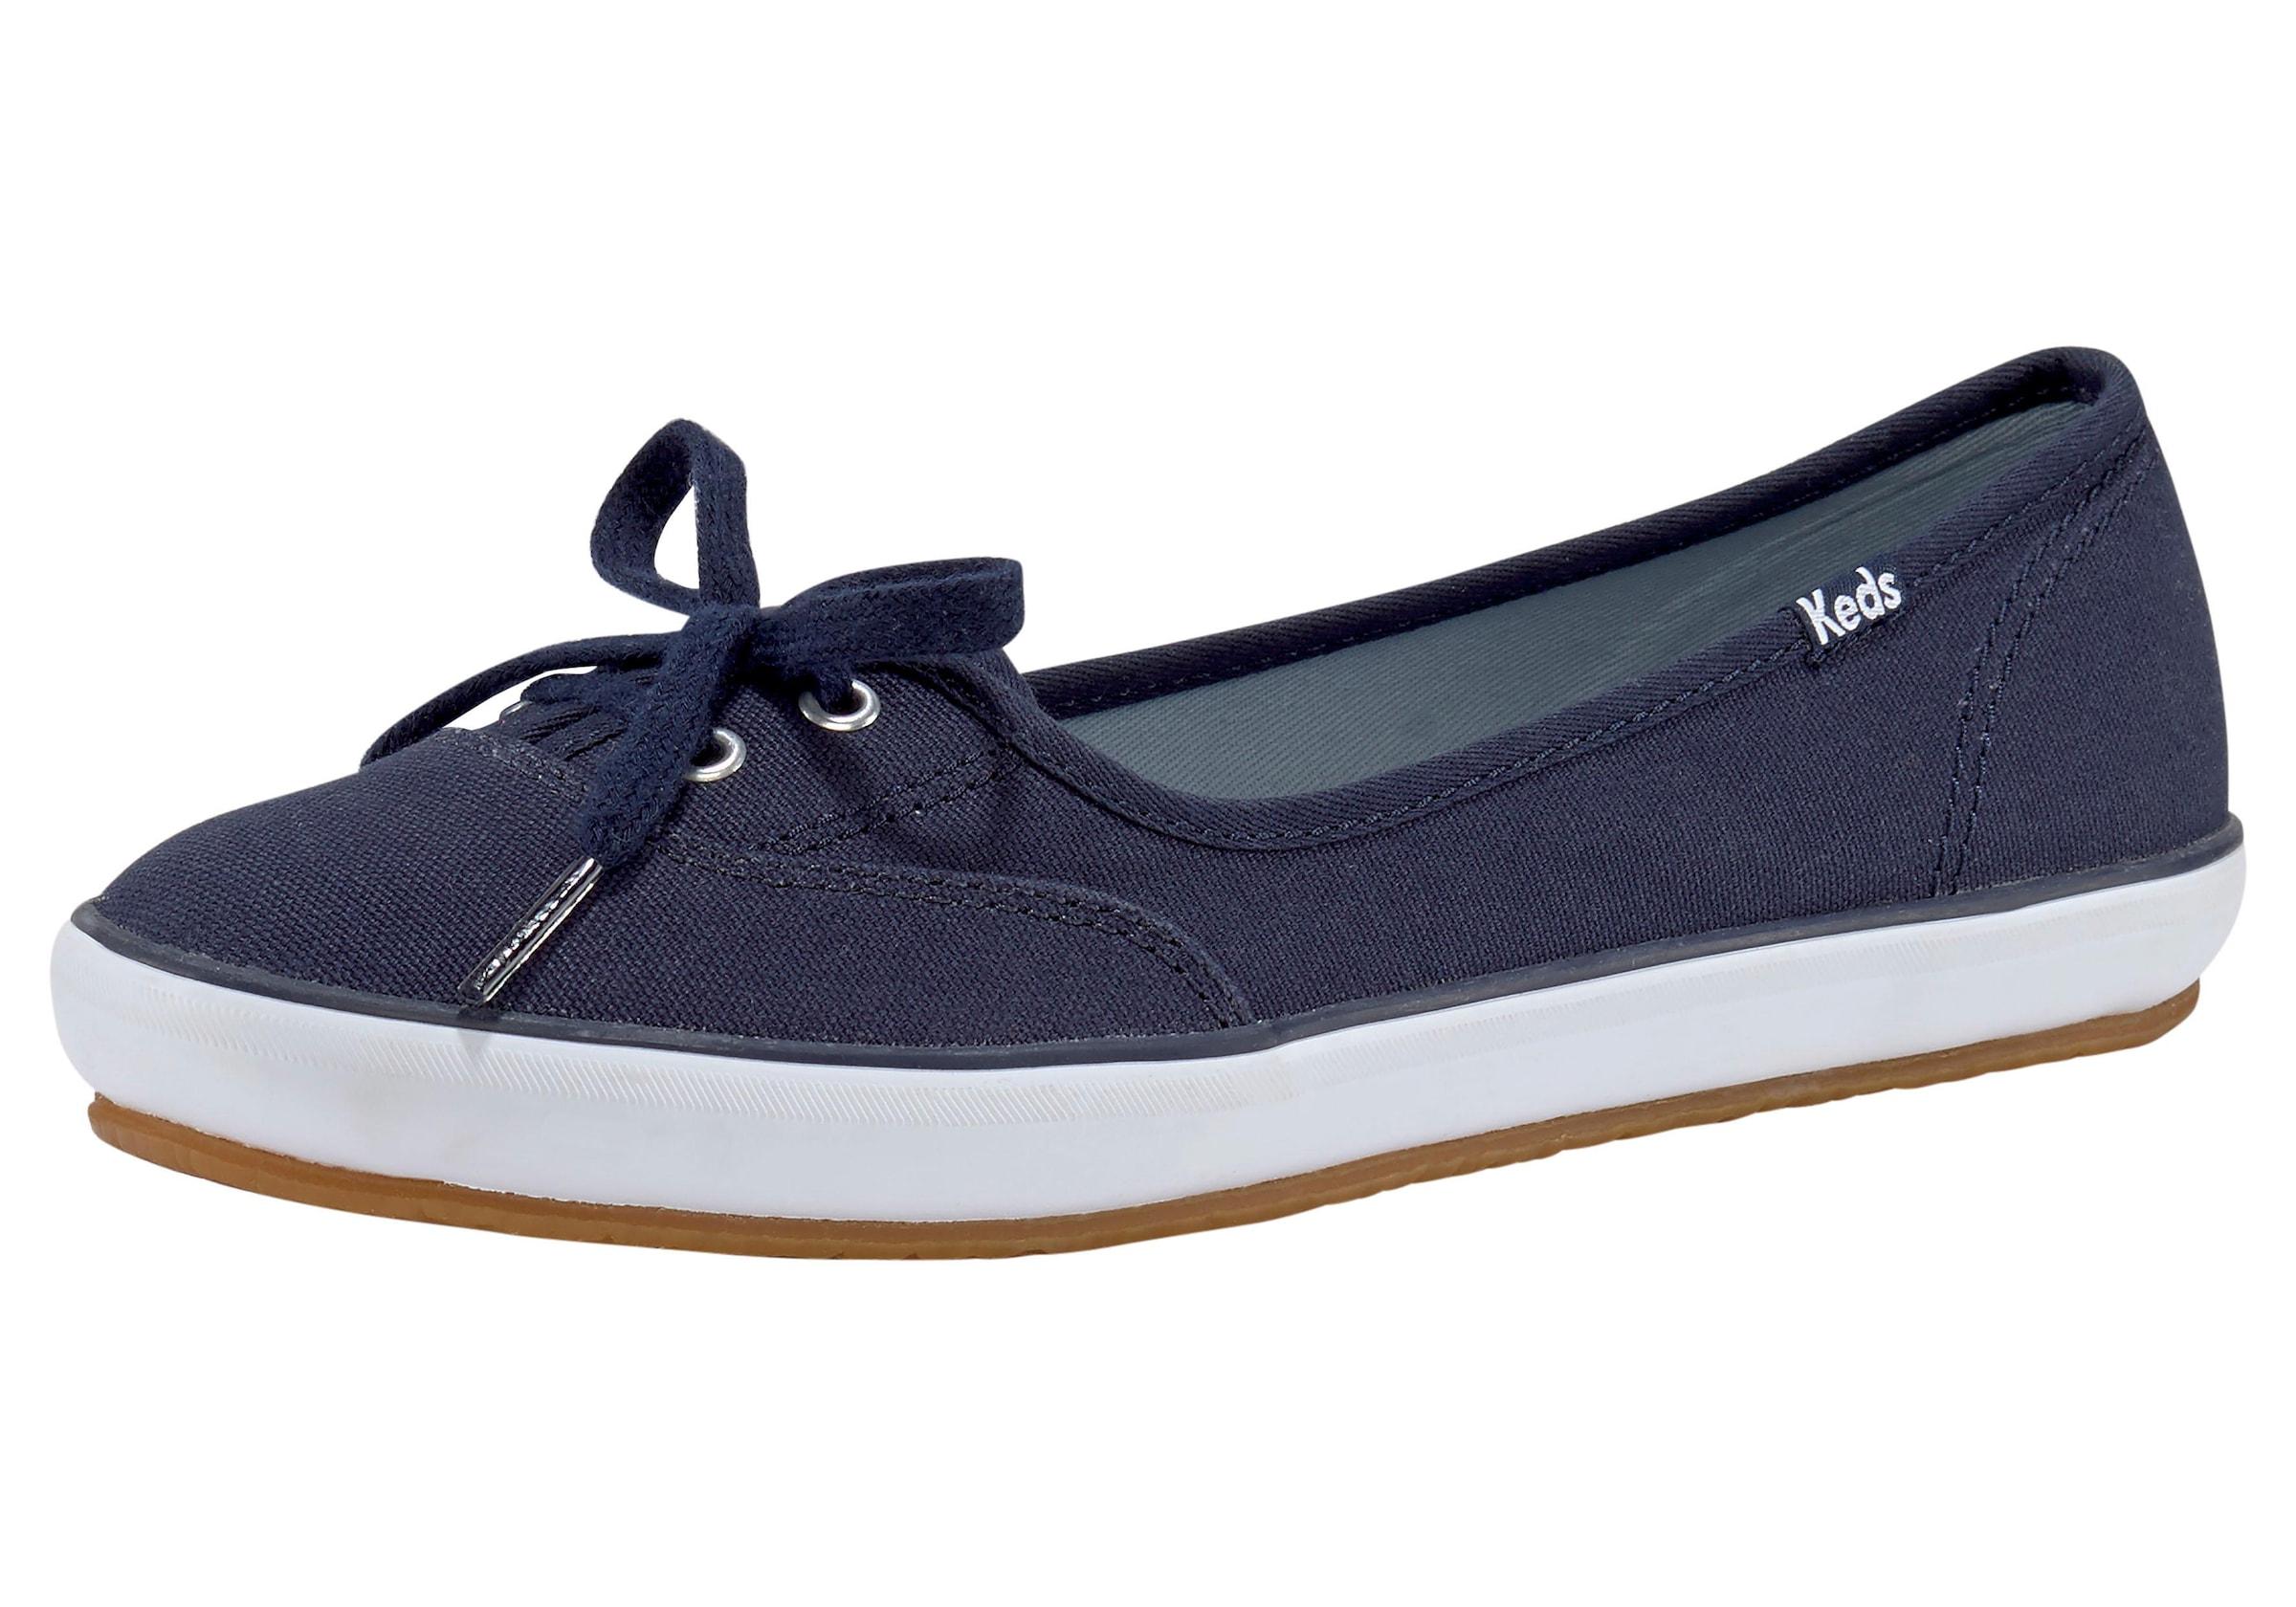 Kinder Schuhe, Herbst Schuhe, keds, geox schuhe, gr. 24 in